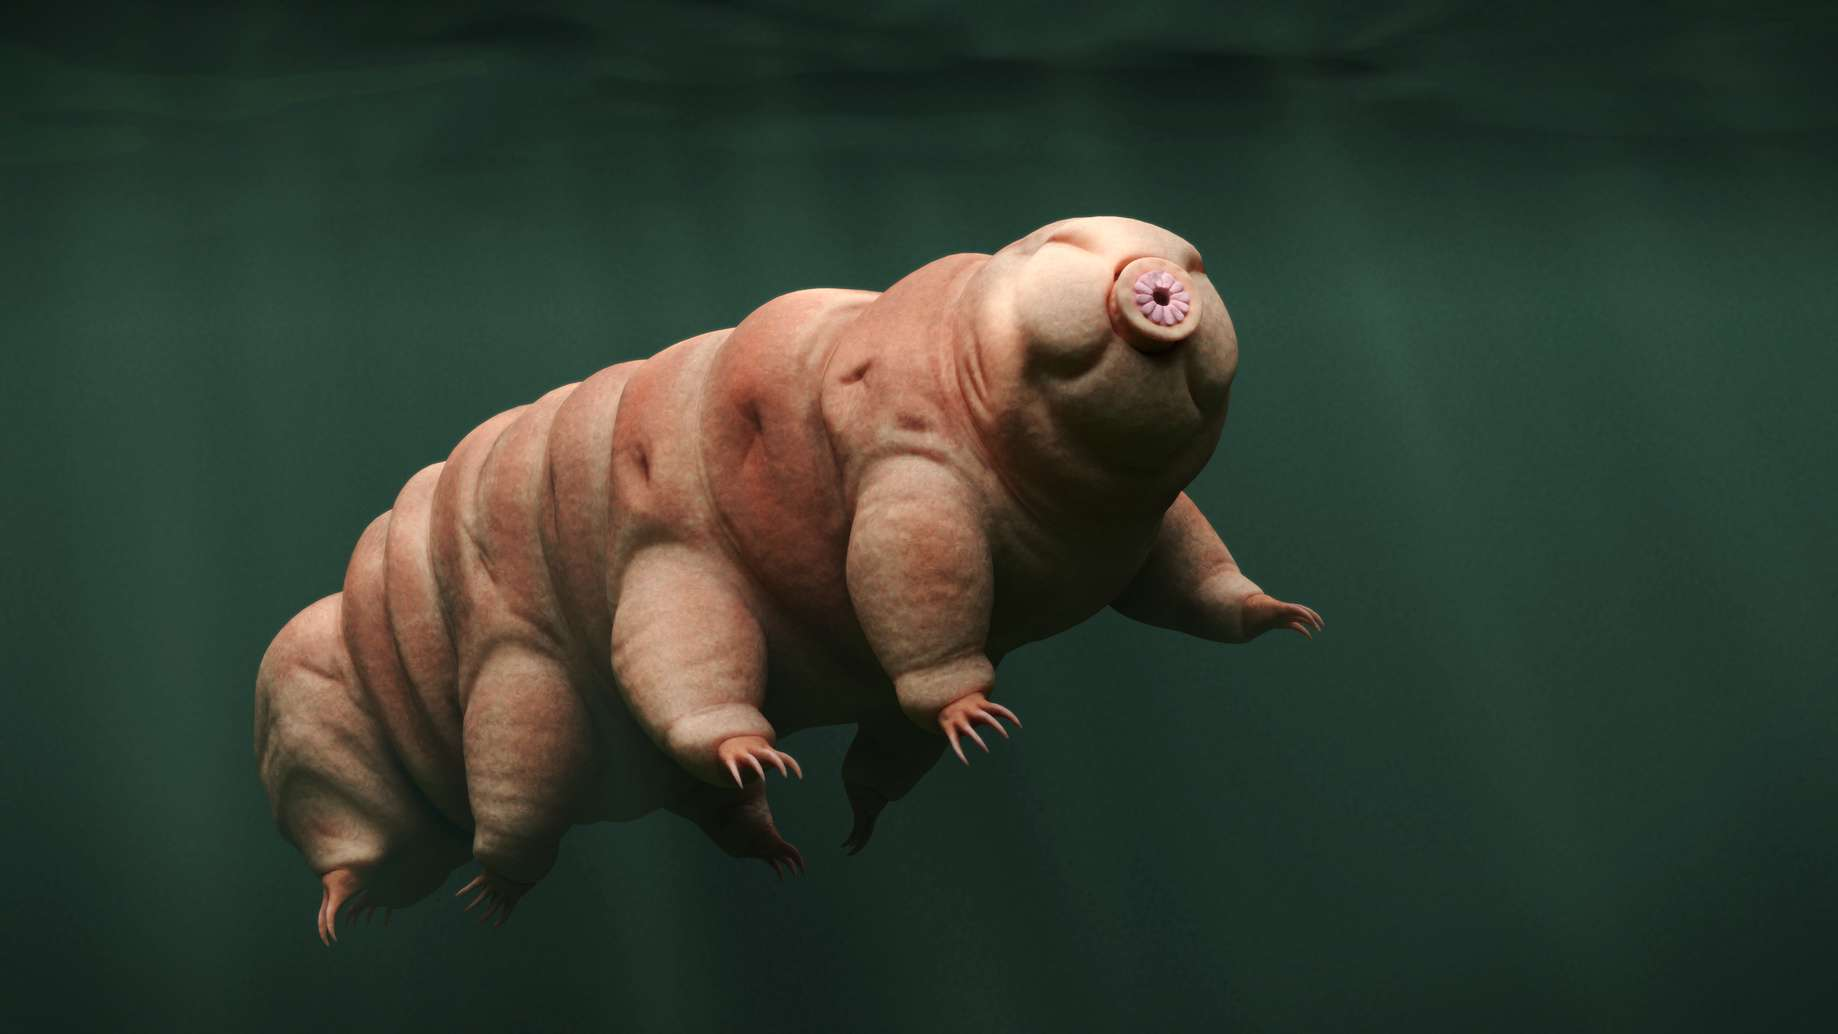 Des carcasses d'animaux microscopiques, en l'occurrence un tardigrade et des crustacés, ont été découvertes dans le lac Mercer sous la glace de l'Antarctique, où foisonne par ailleurs une vie bactérienne. © dottedyeti, Fotolia